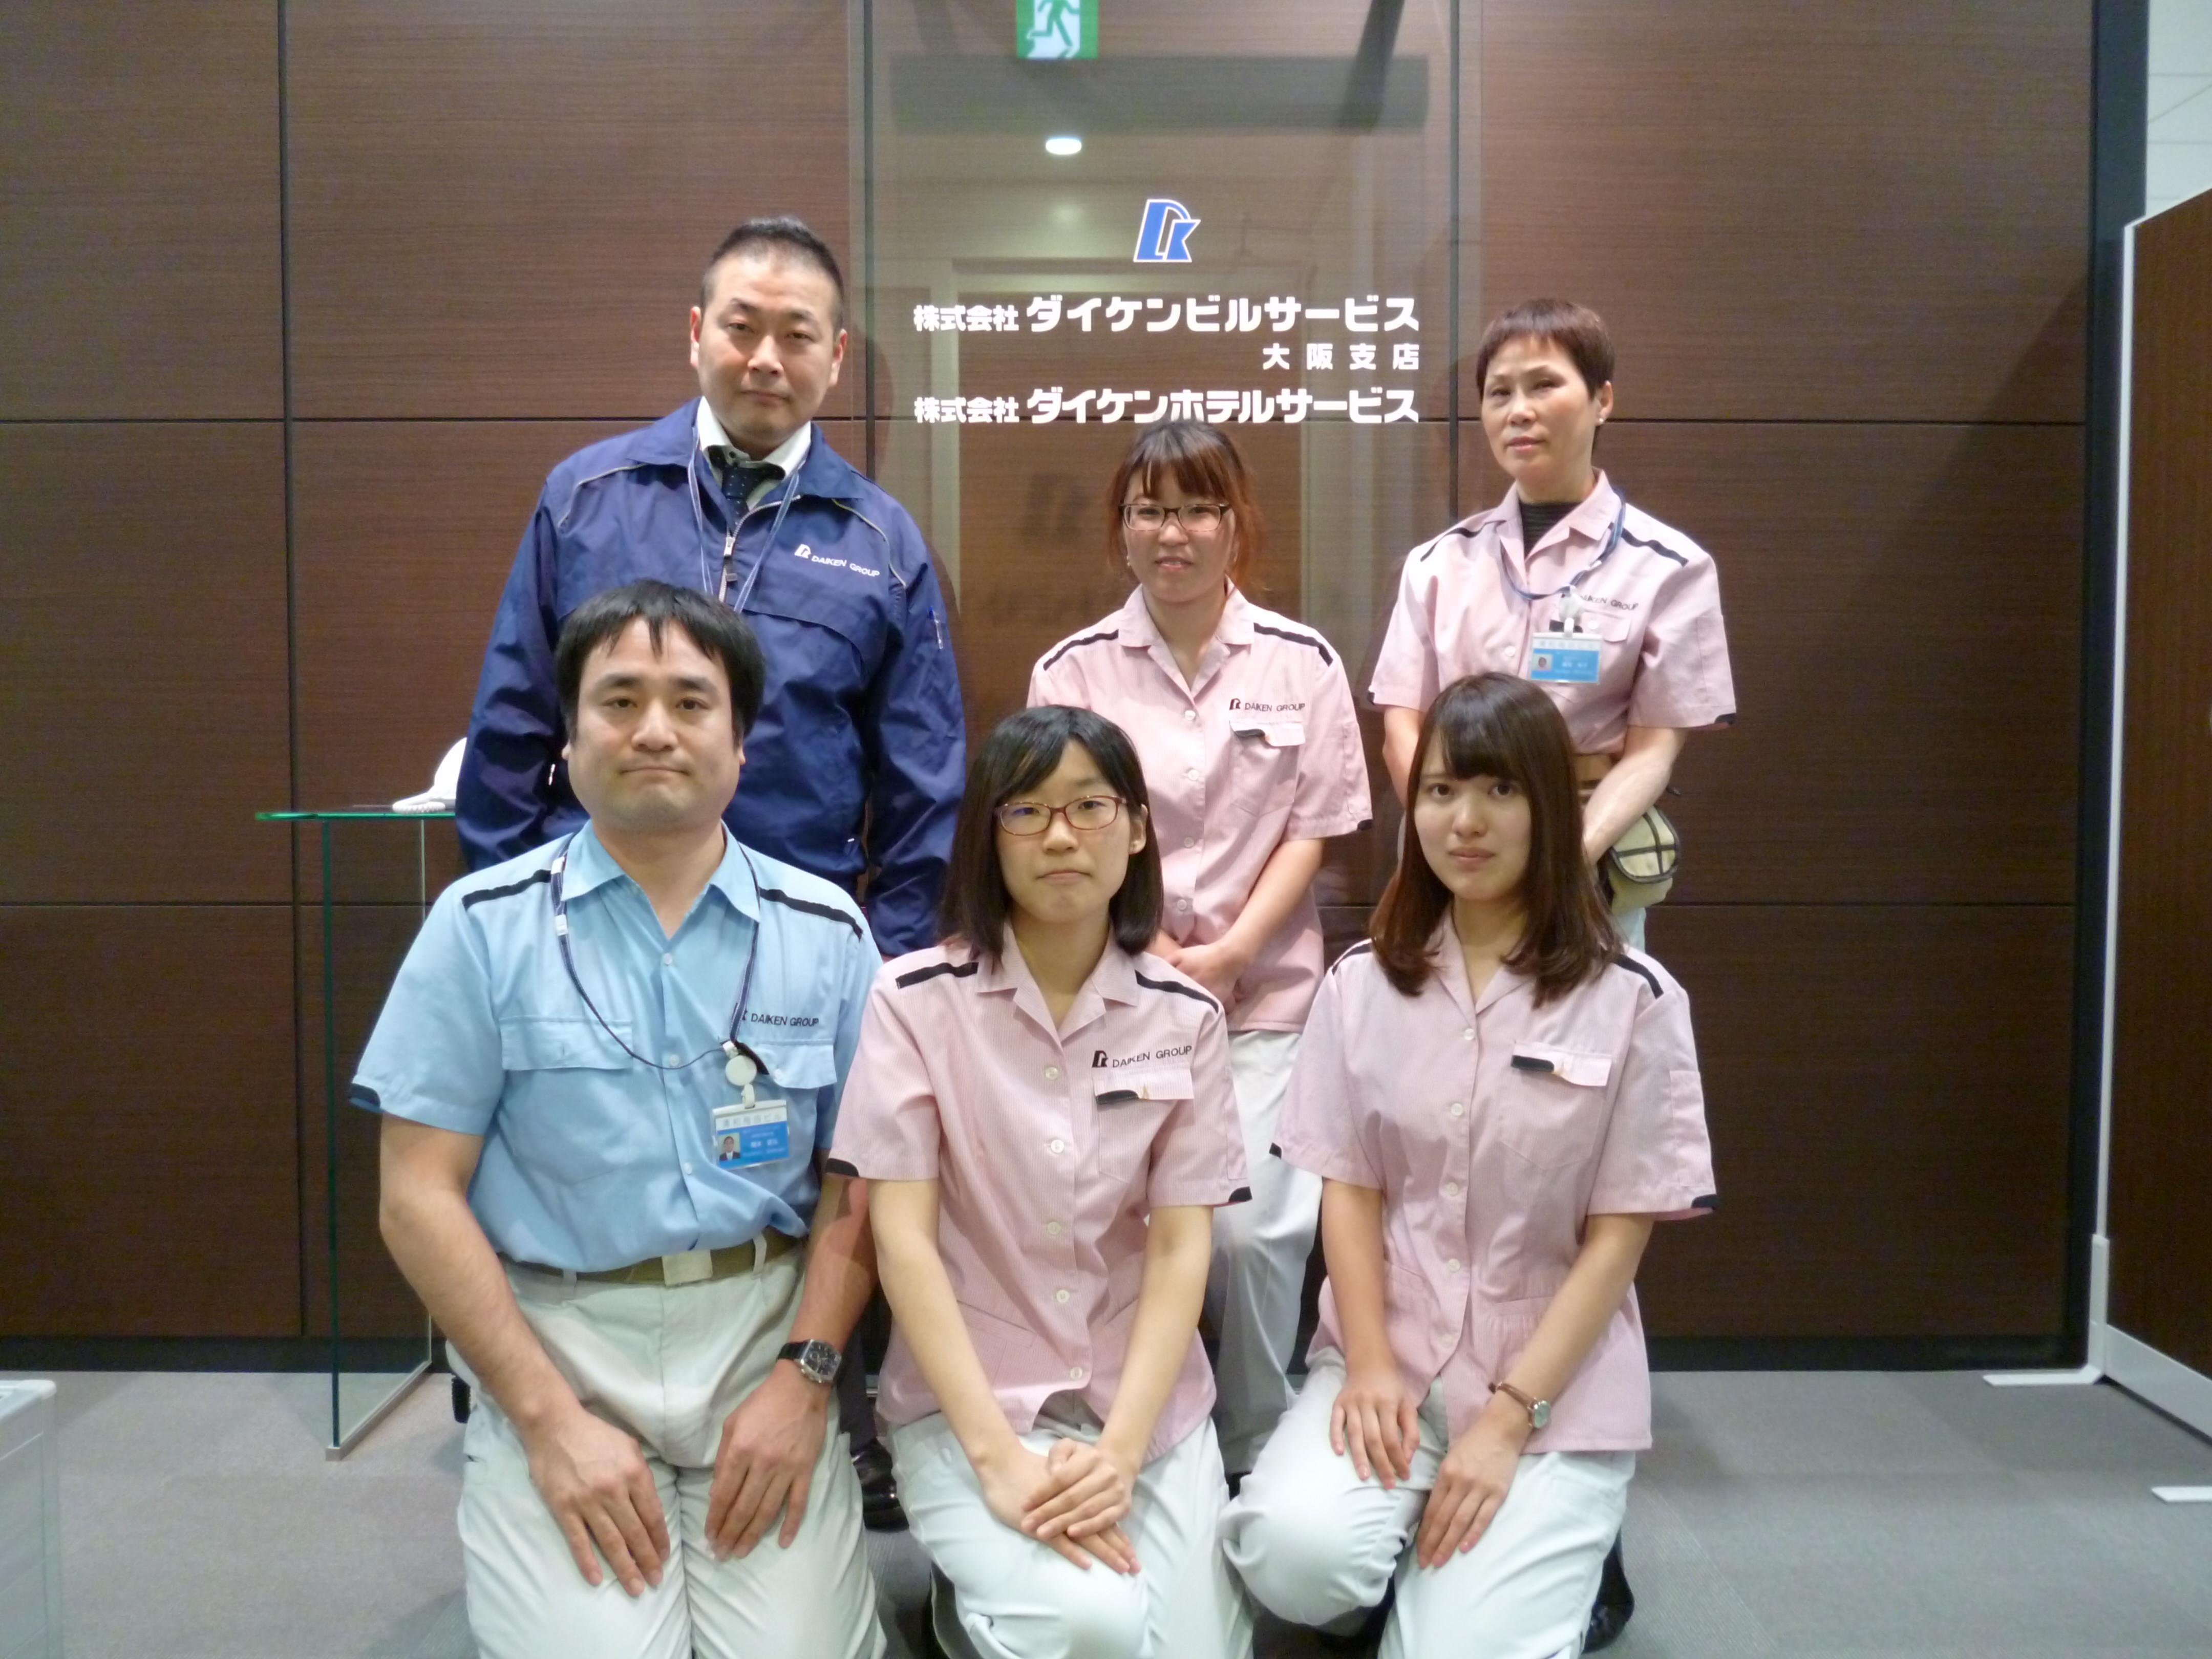 清掃スタッフ 北浜オフィスビル 株式会社ダイケンビルサービス のアルバイト情報